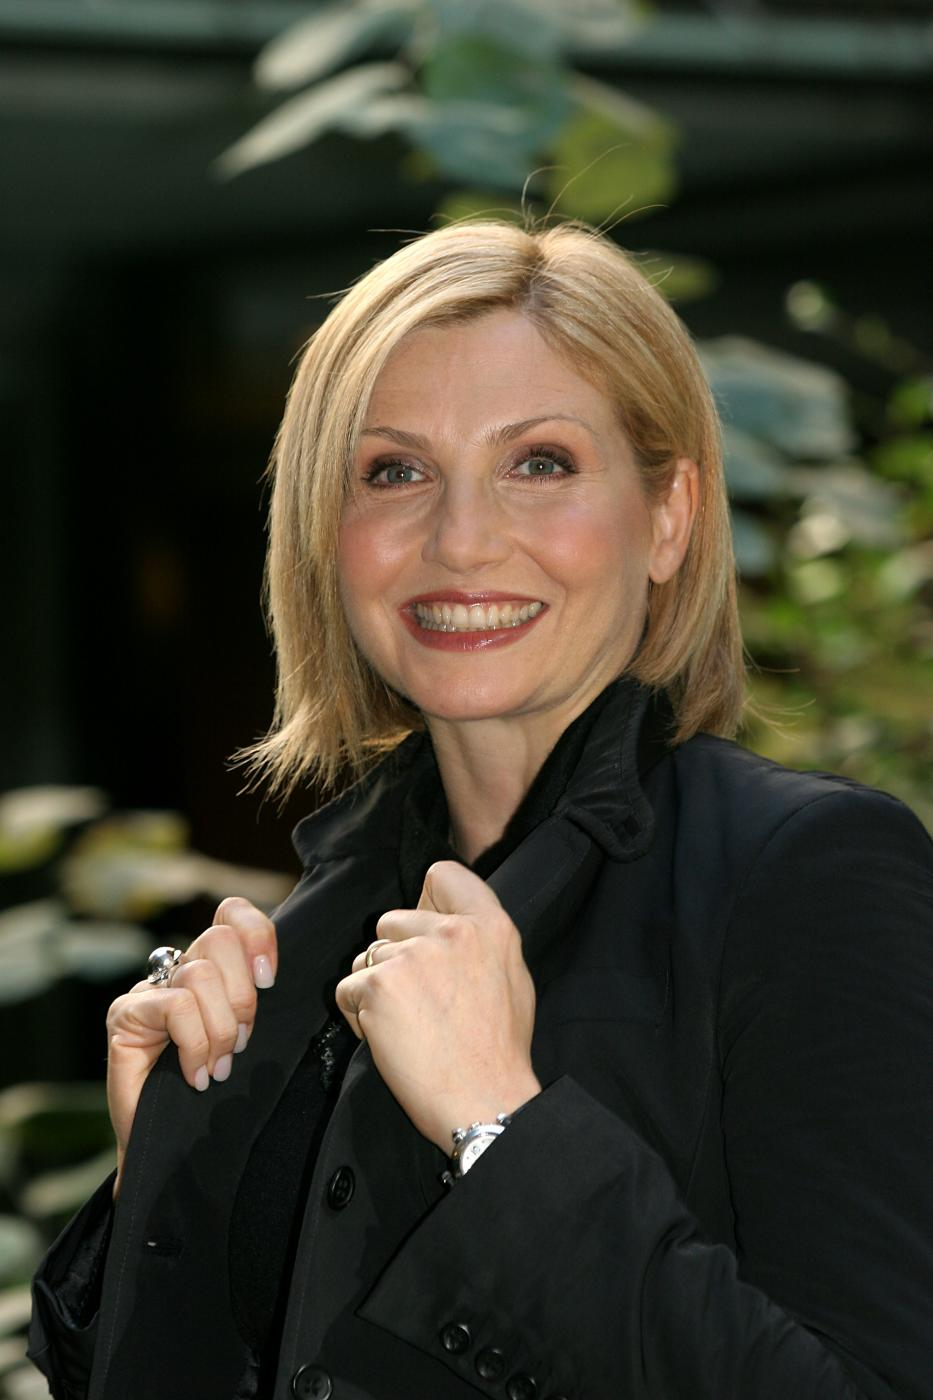 Lorella Cuccarini compie 50 anni: Pippo Baudo la volle a Fantastico4